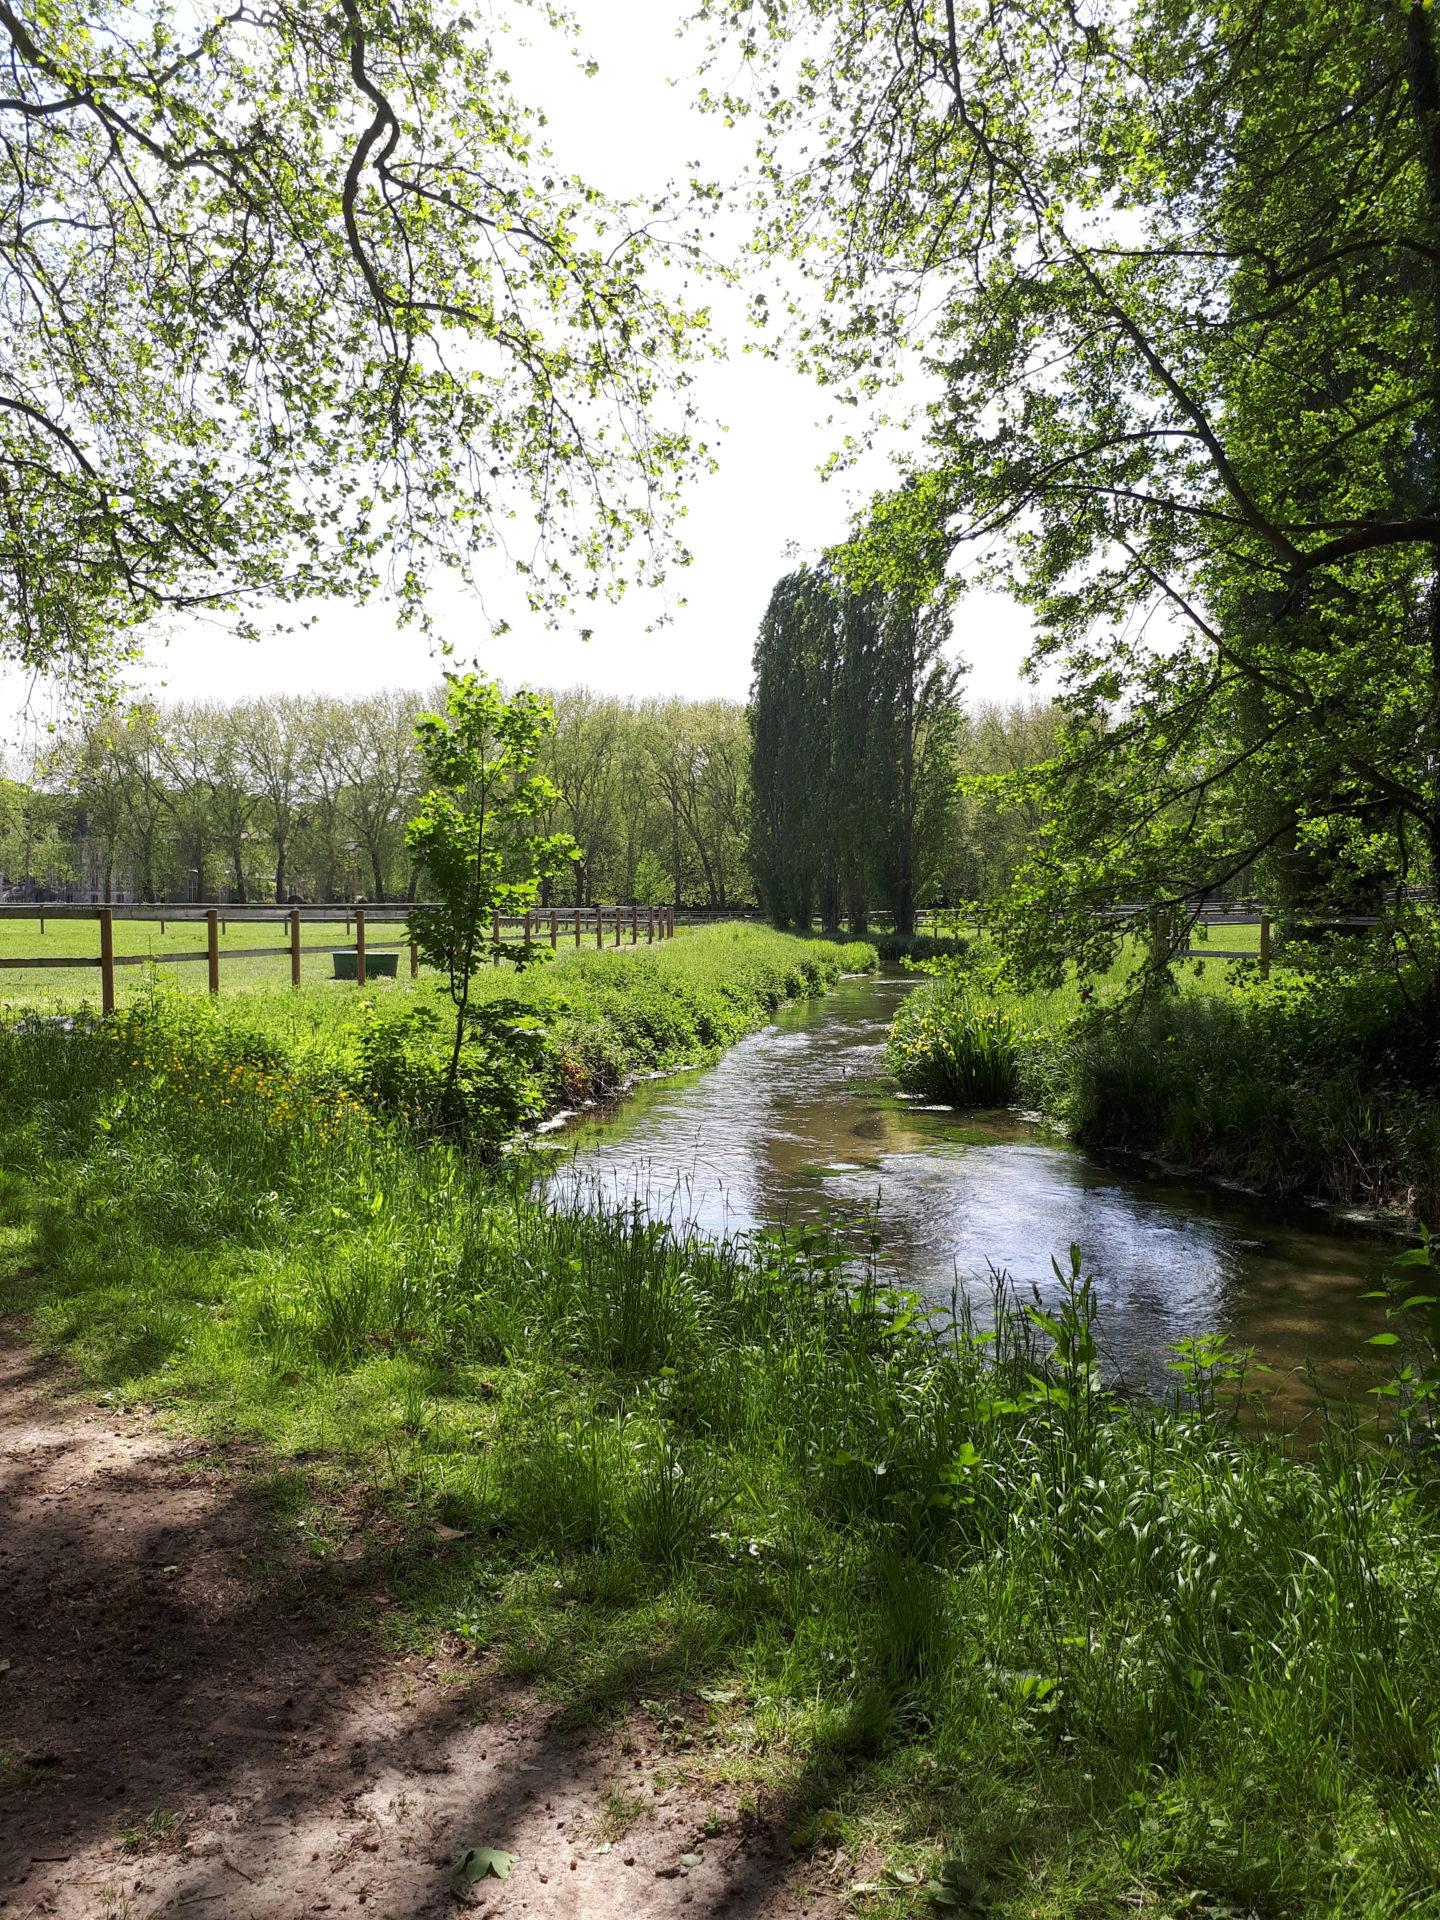 La restauration de la continuité écologique de la rivière École dans le parc du château de Courances